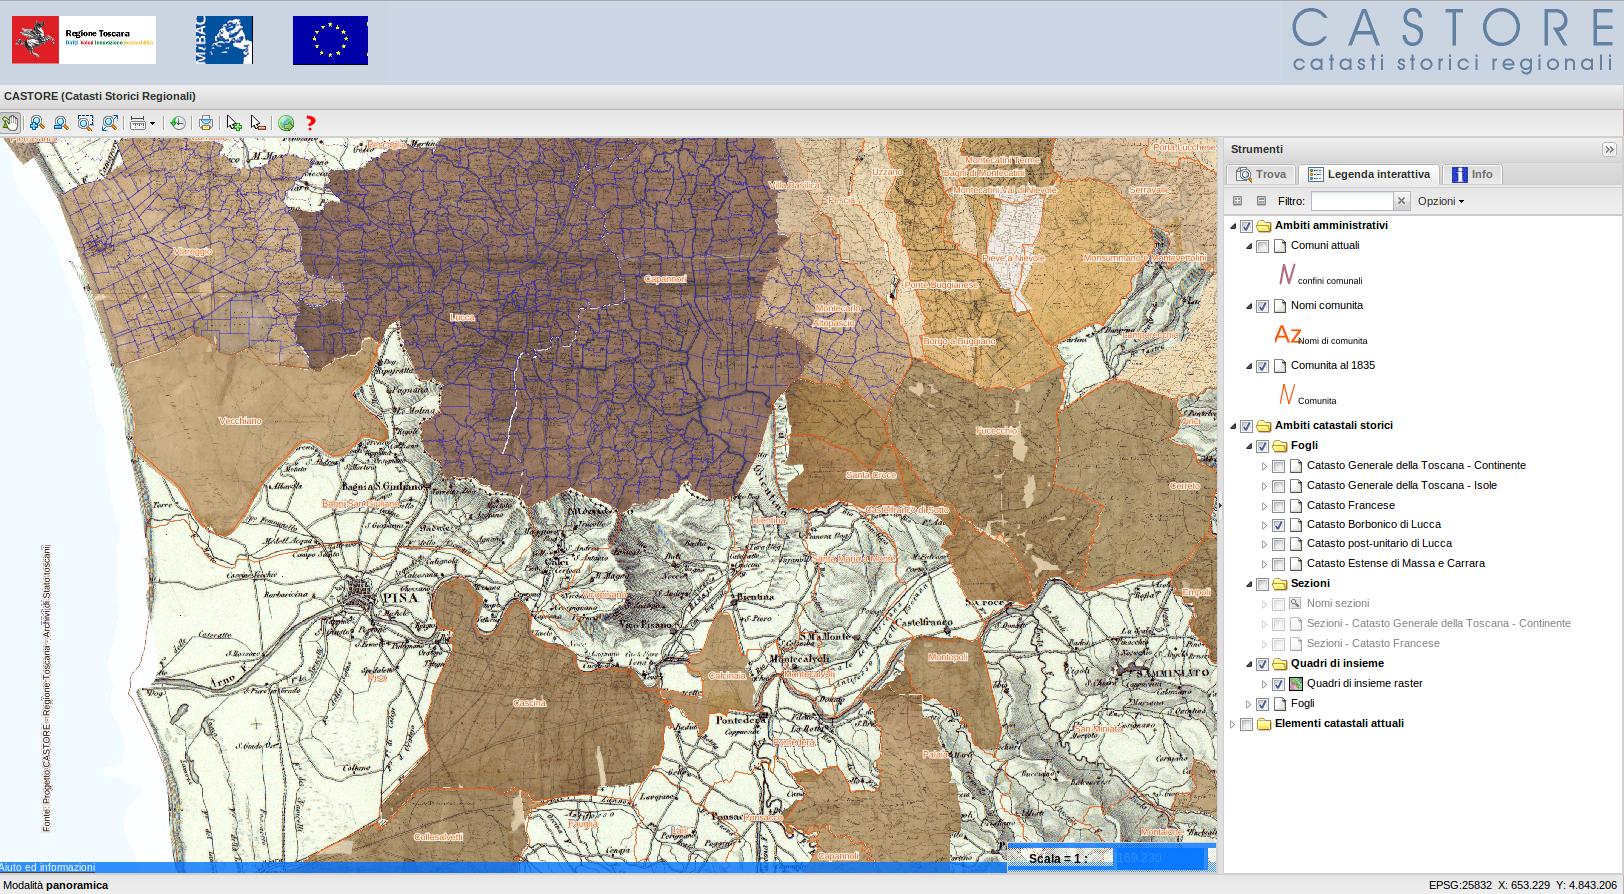 Cartina Geografica Della Toscana.Una Cartografia Speciale Per Capire La Toscana A Tutti I Livelli Toscana Notizie